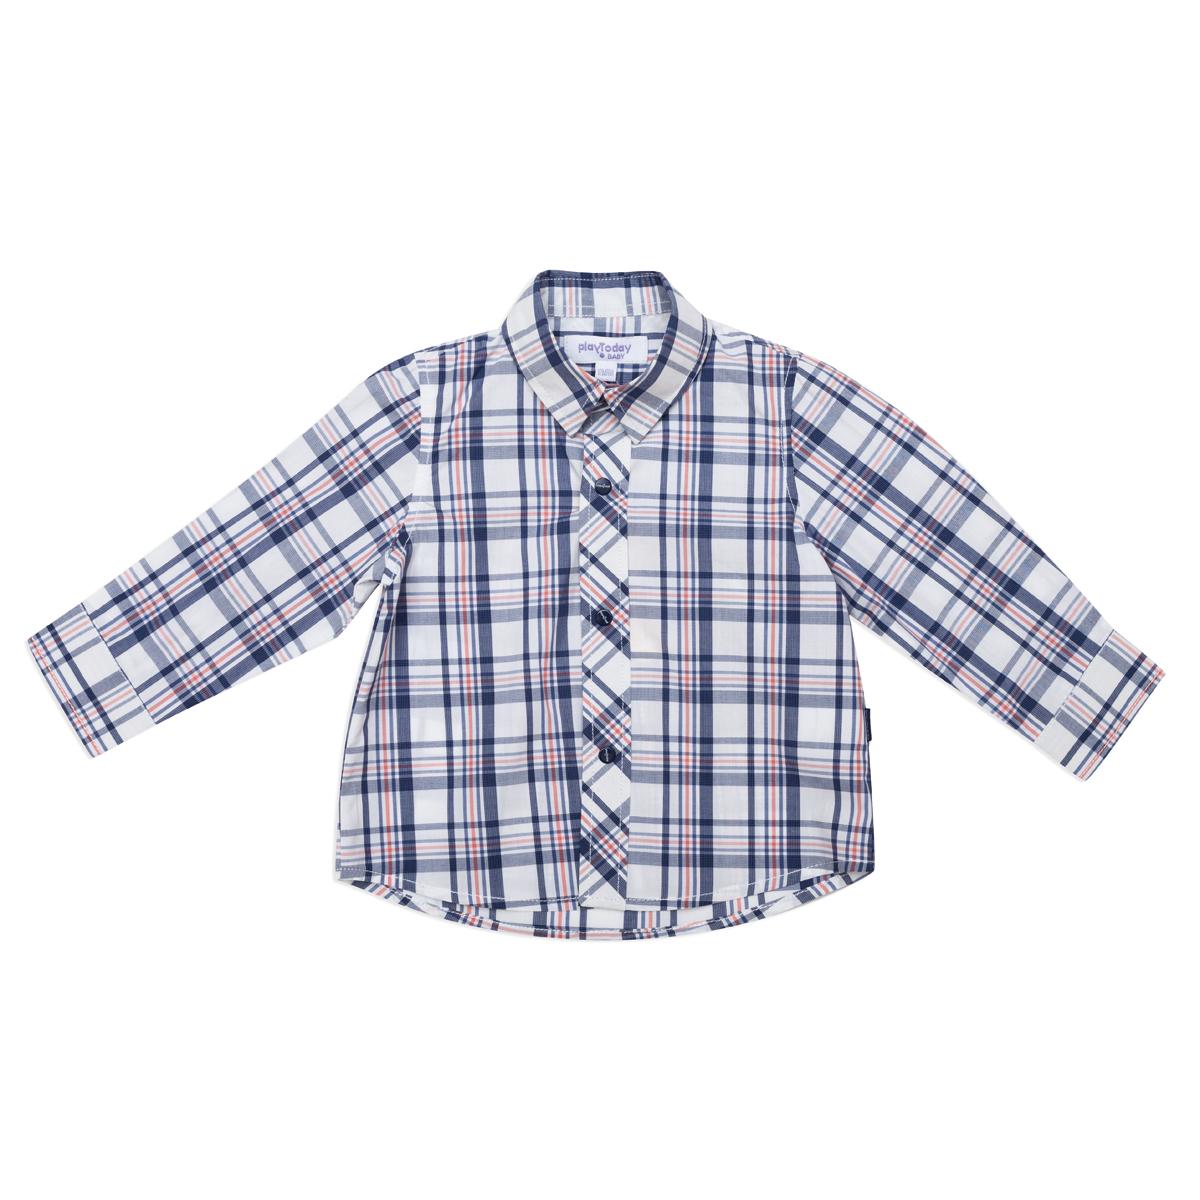 Сорочка детская текстильная 347014